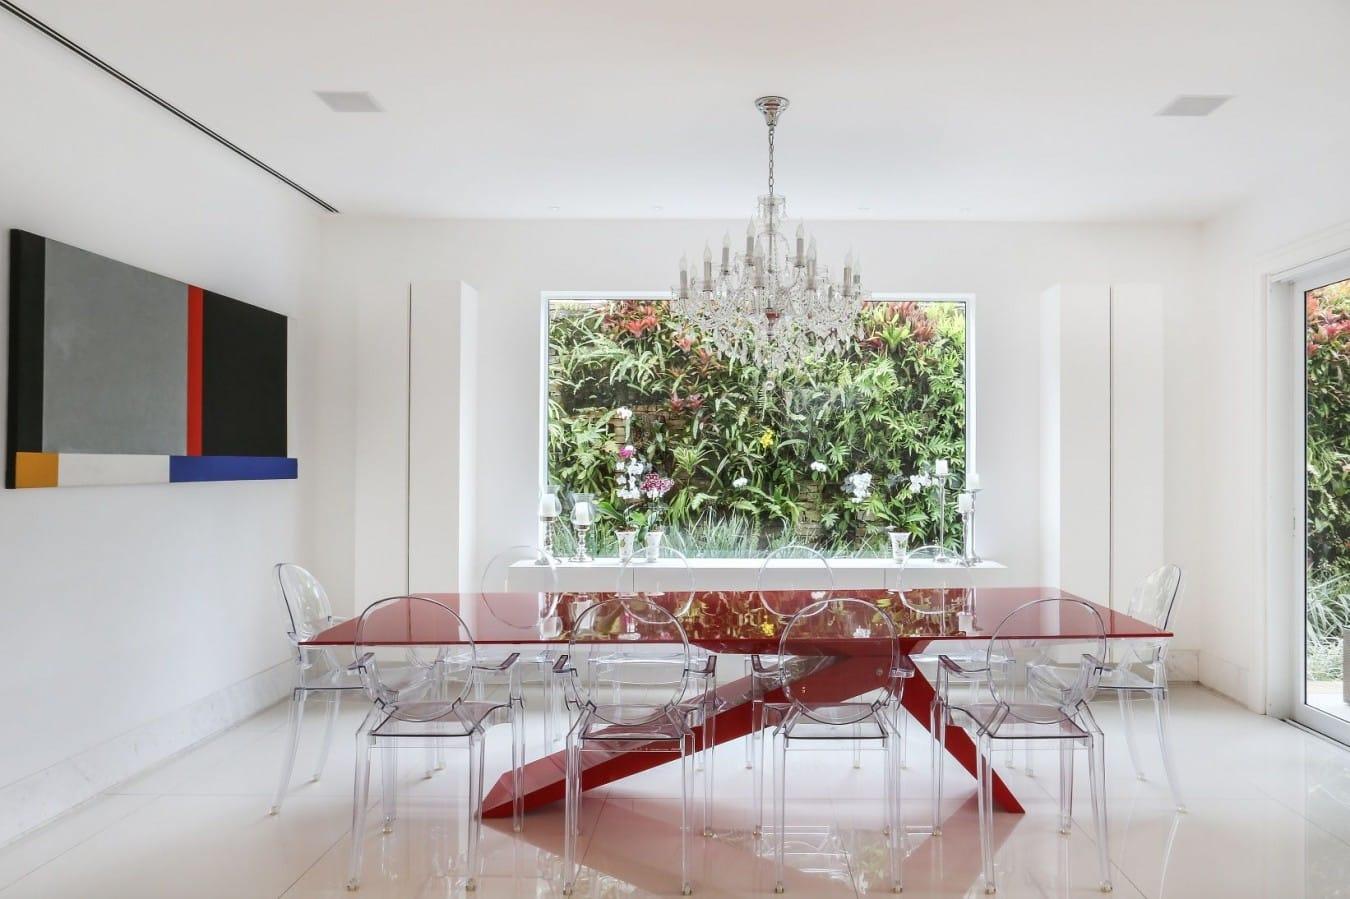 Projeto de Luxo Jardim da Barra arquiteta Denise Fernandes Fotos Antonio Schumacher 5 - 740m² de alto luxo em projeto no Rio de Janeiro